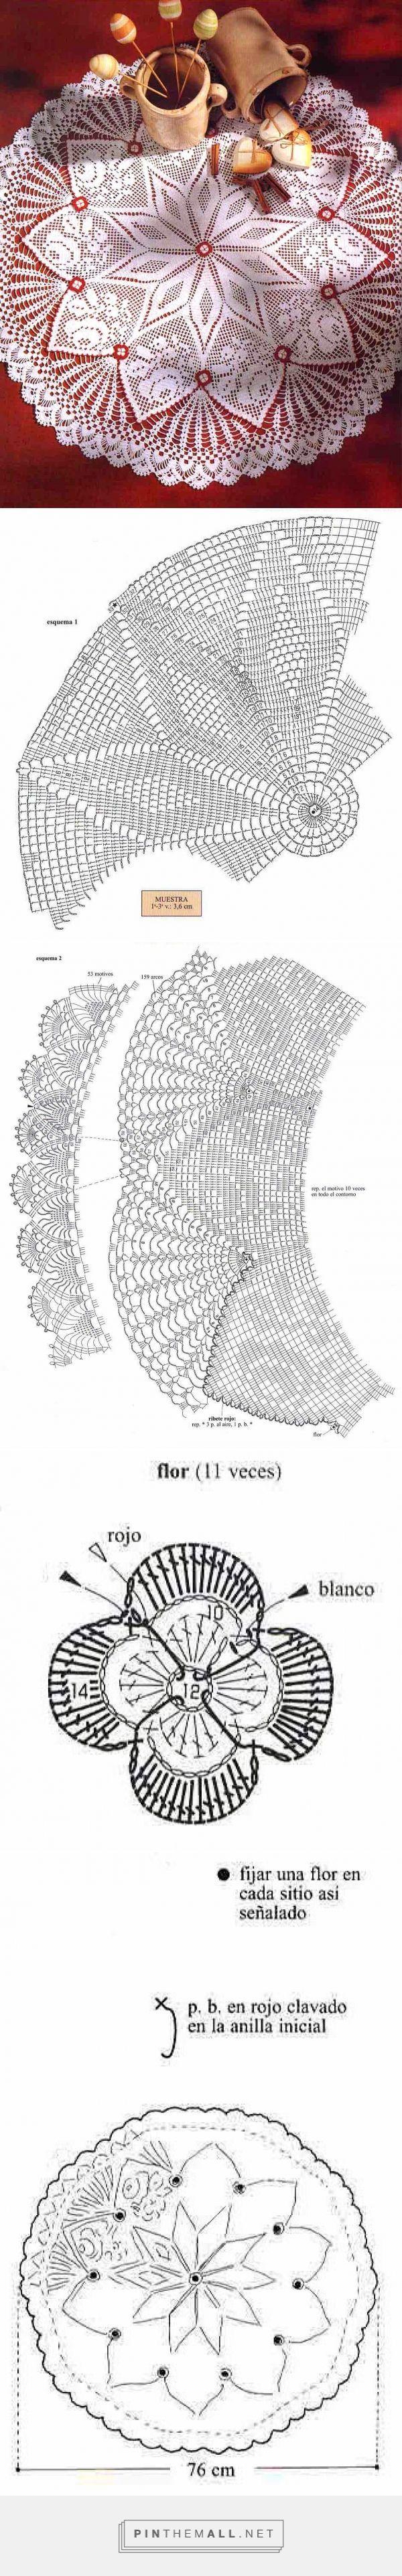 Pin By Diane Grezik On Crochet Doilies Pinterest Diagram Doily Patterns Free Chart Designs Filet